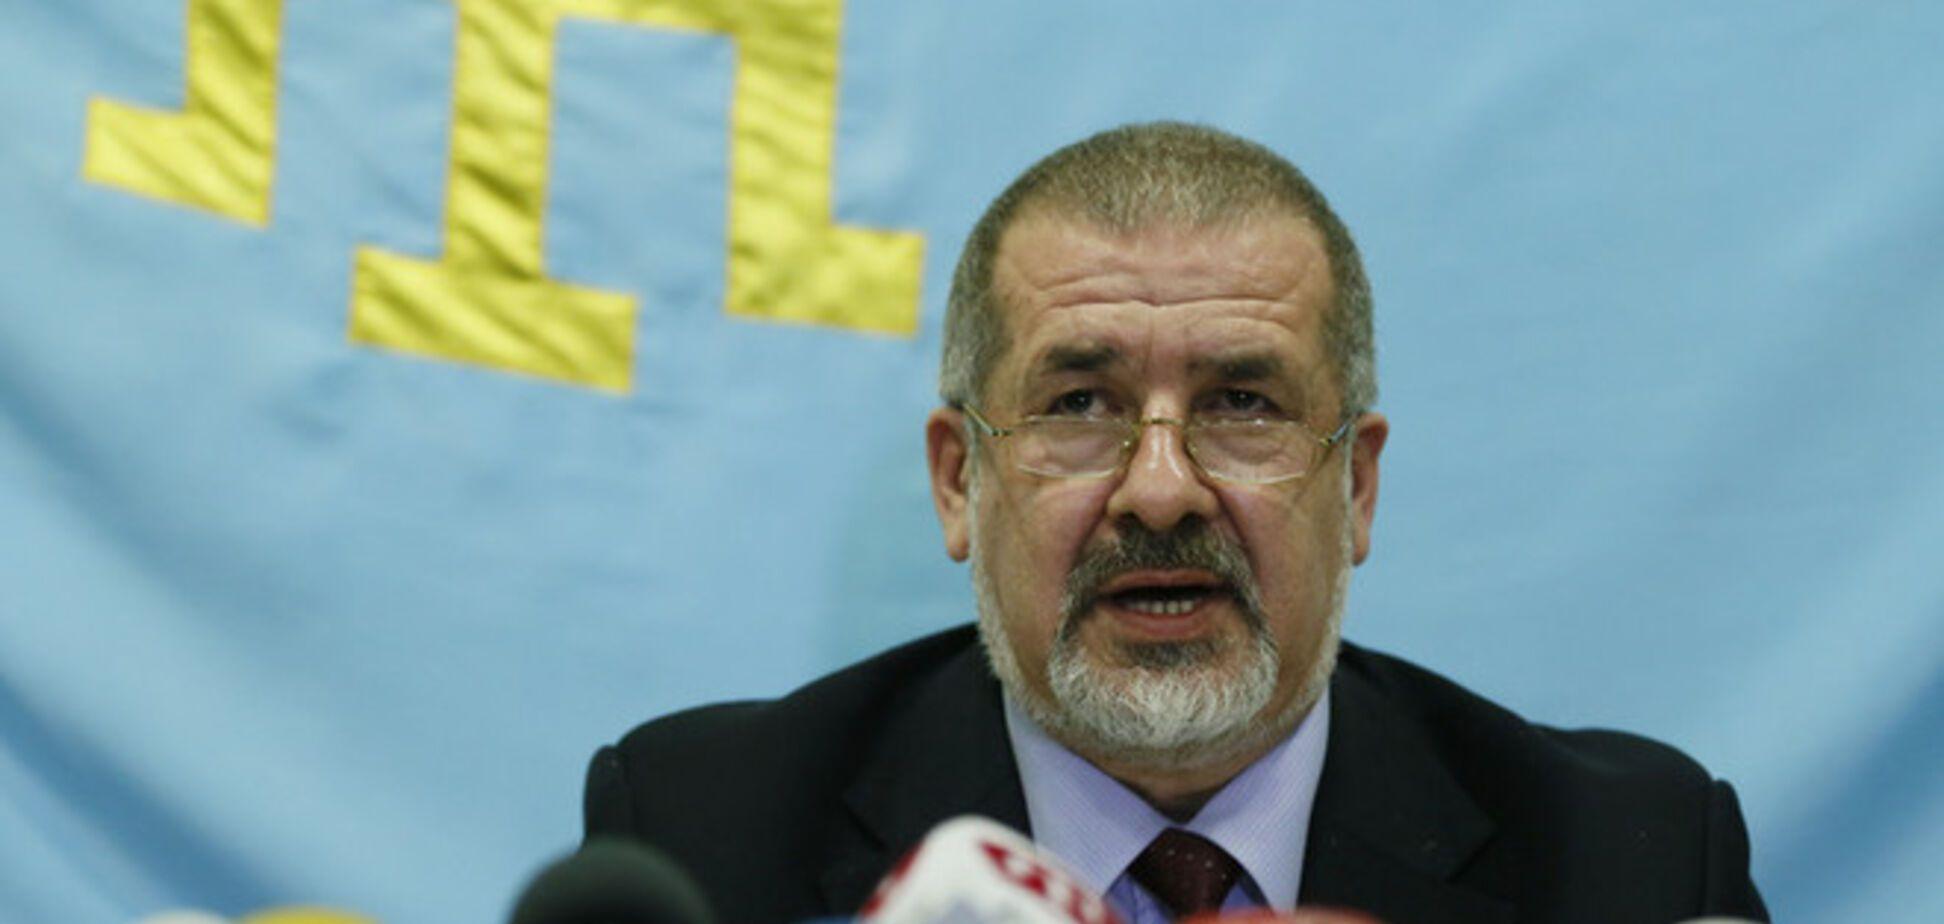 Россия возродила доктрину 'Крым без крымских татар' - Чубаров